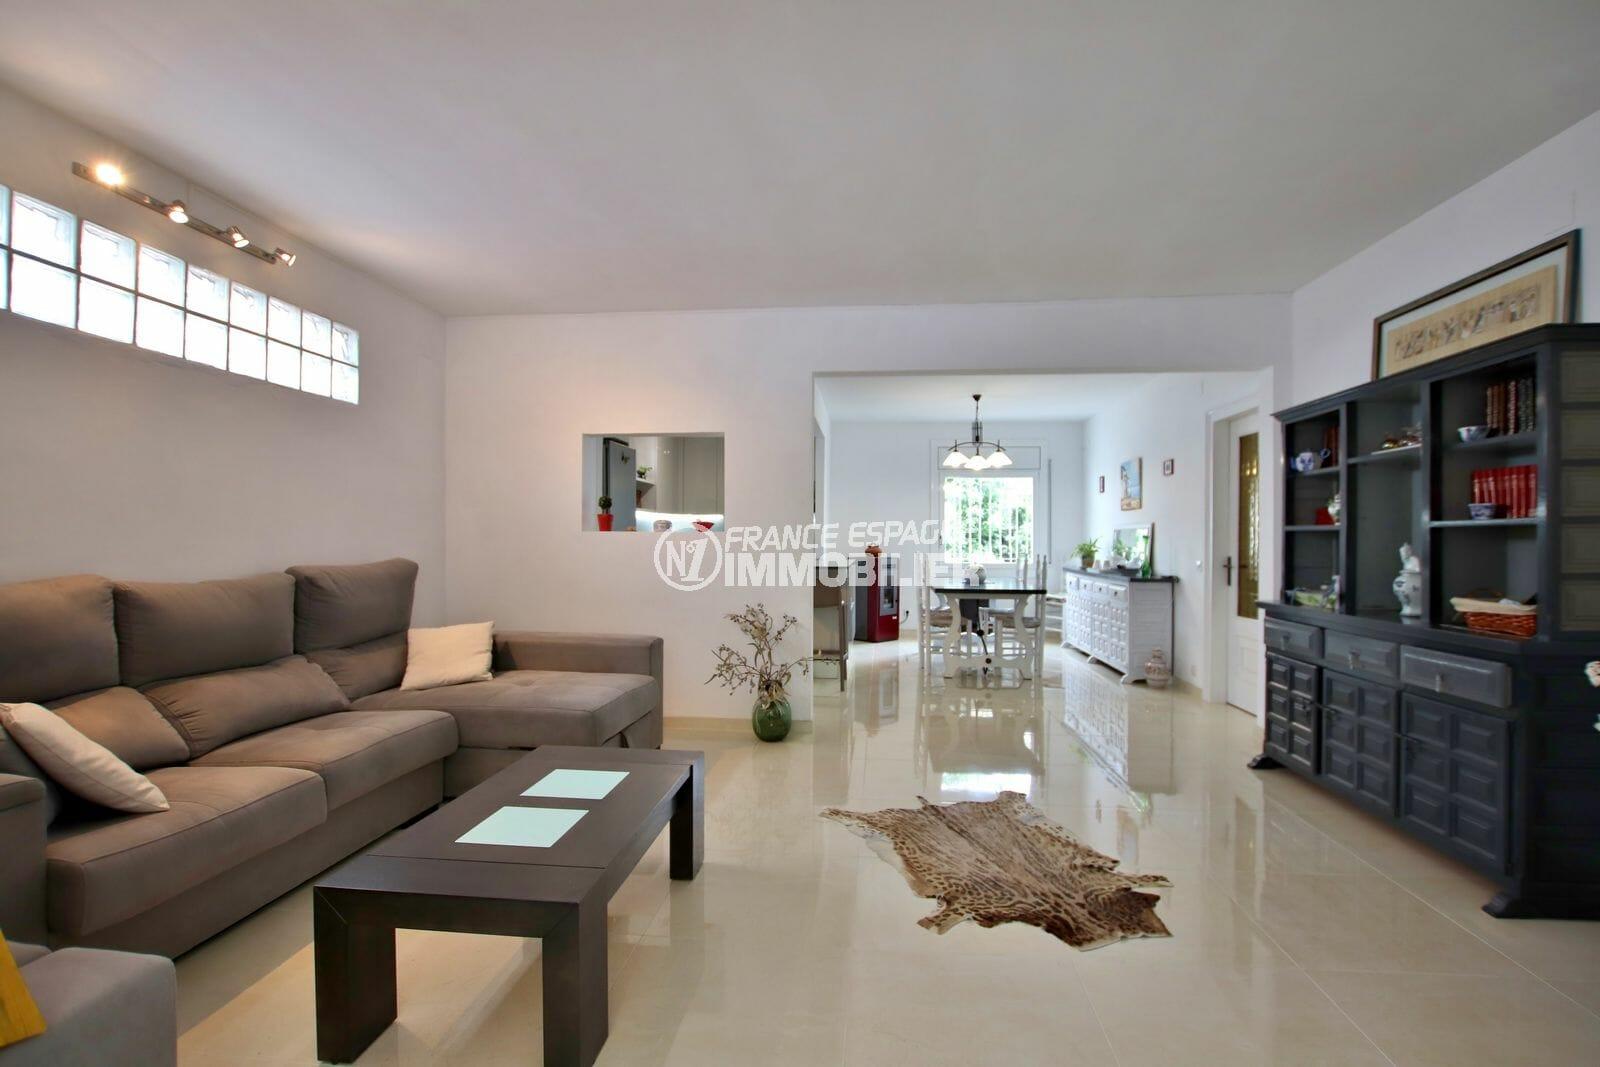 acheter maison empuriabrava, garage, salon / séjour avec cuisine ouverte